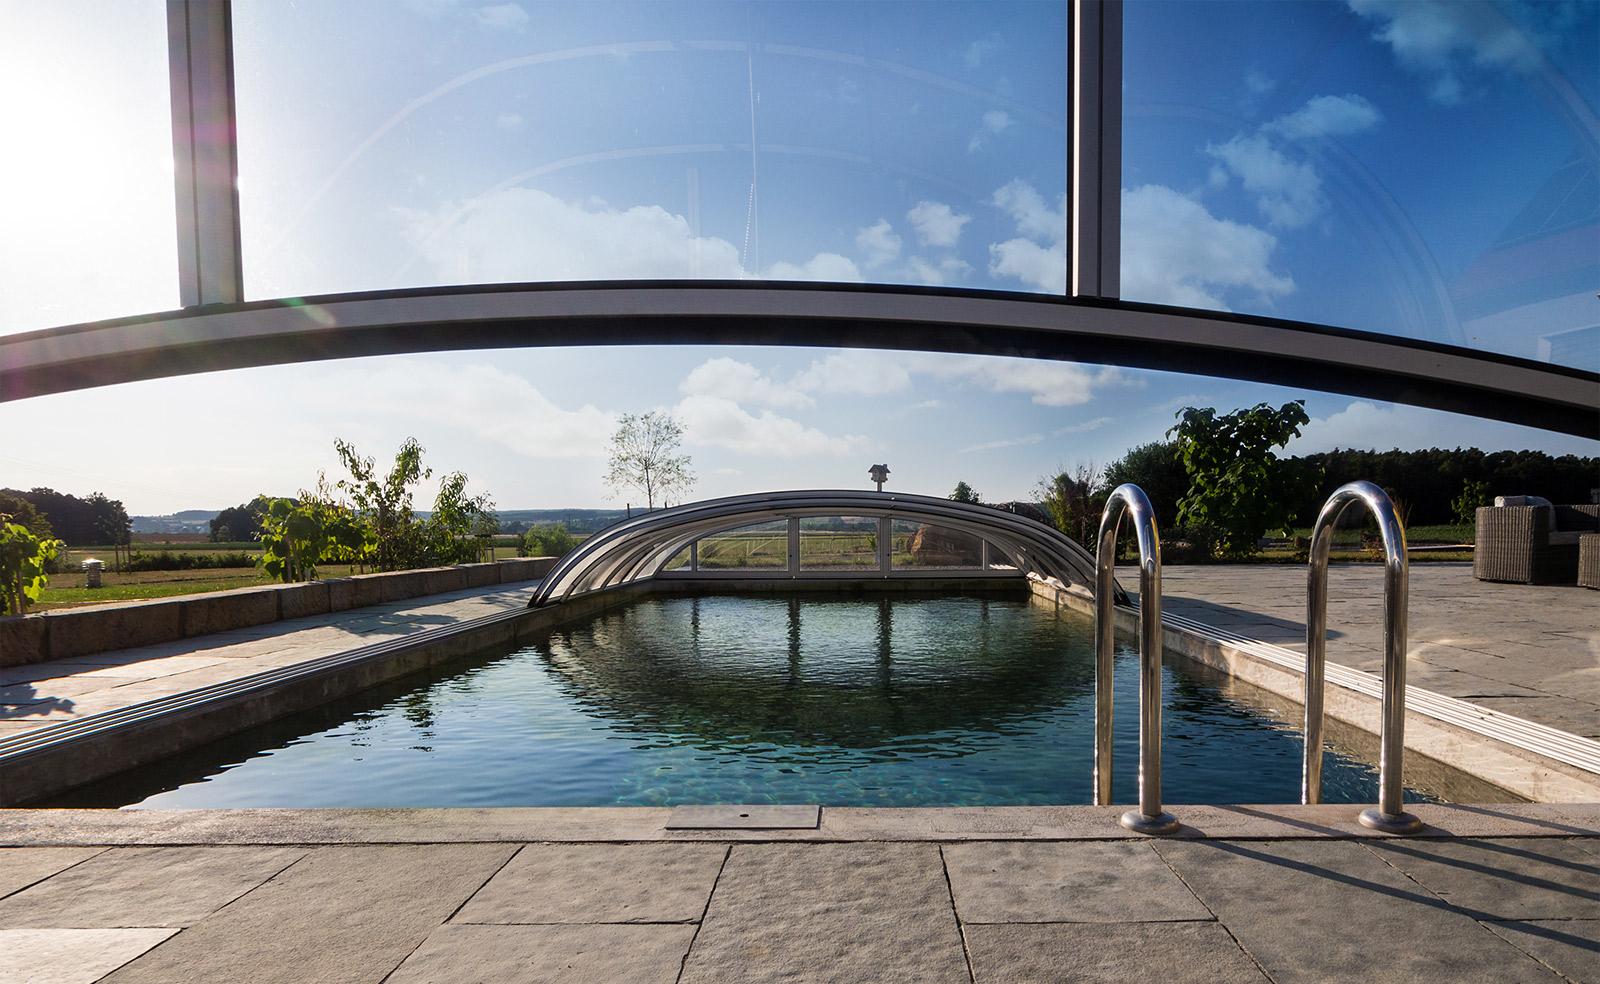 Starke gmbh schwimmbad sauna wellness saunen for Schwimmbad herzogenaurach